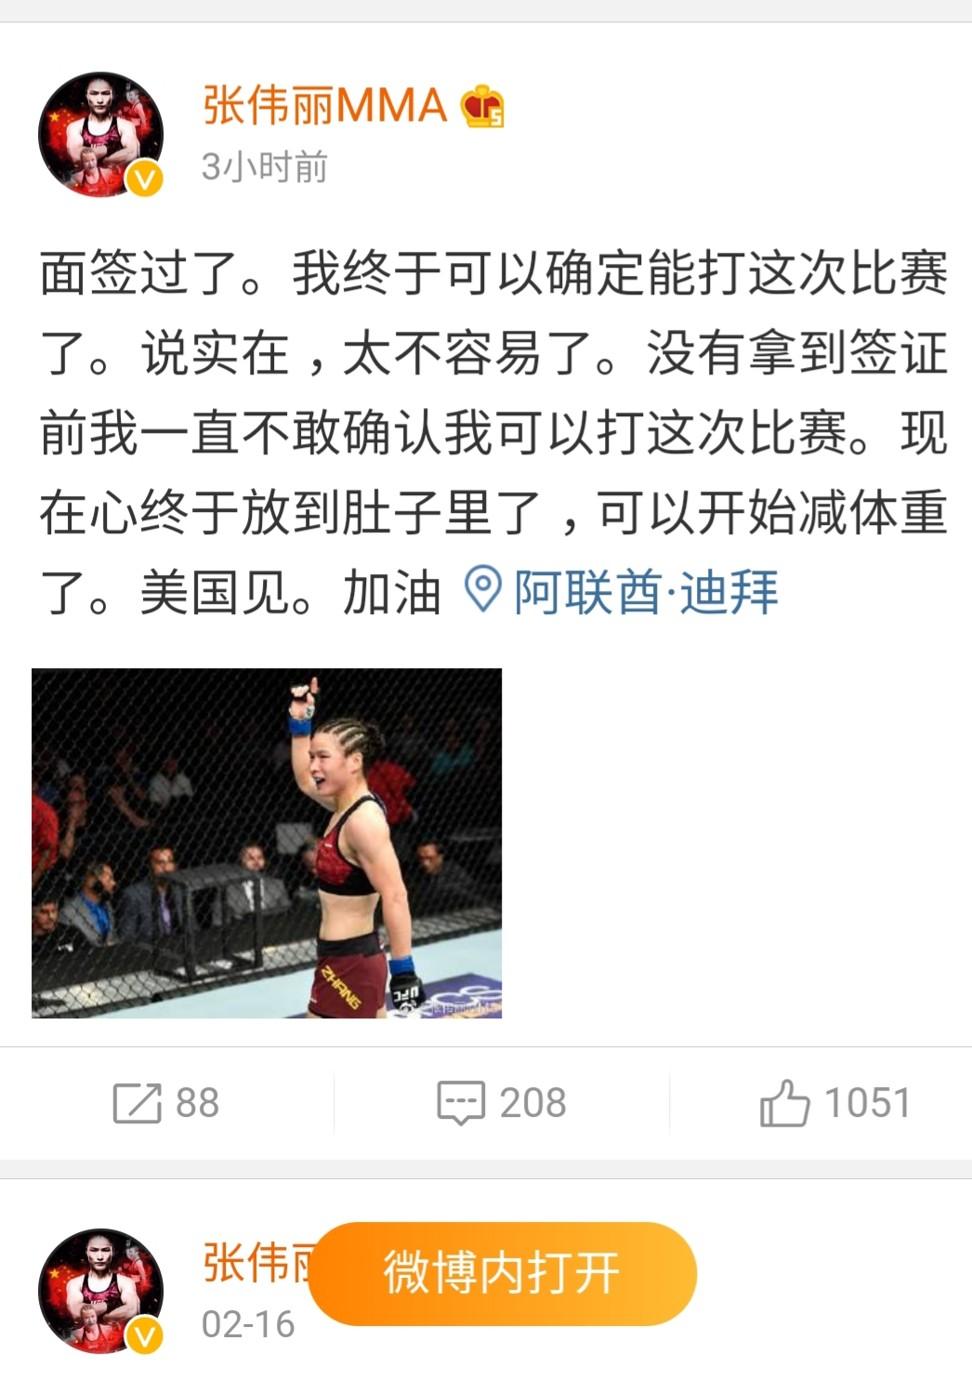 Zhang Weili's tweet on Weibo. Photo: Weibo